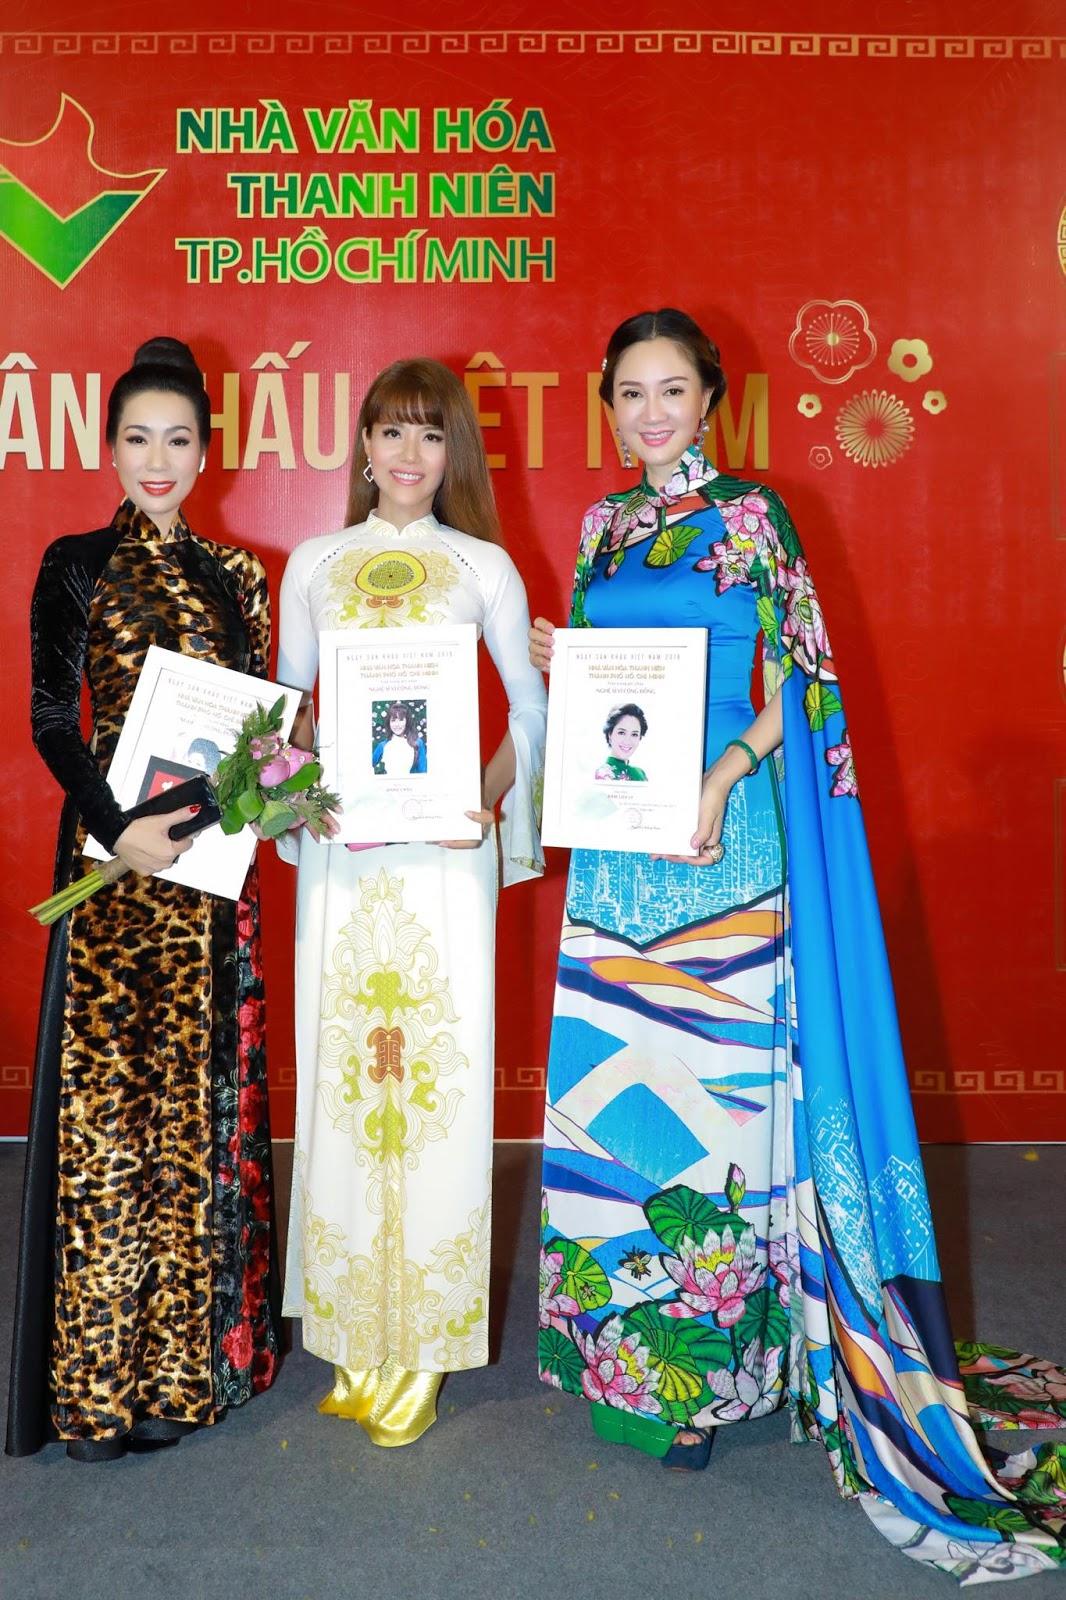 Hoa hậu Đàm Lưu Ly cùng dàn nghệ sỹ hướng về ngày giỗ Tổ sân khấu - Hình 7